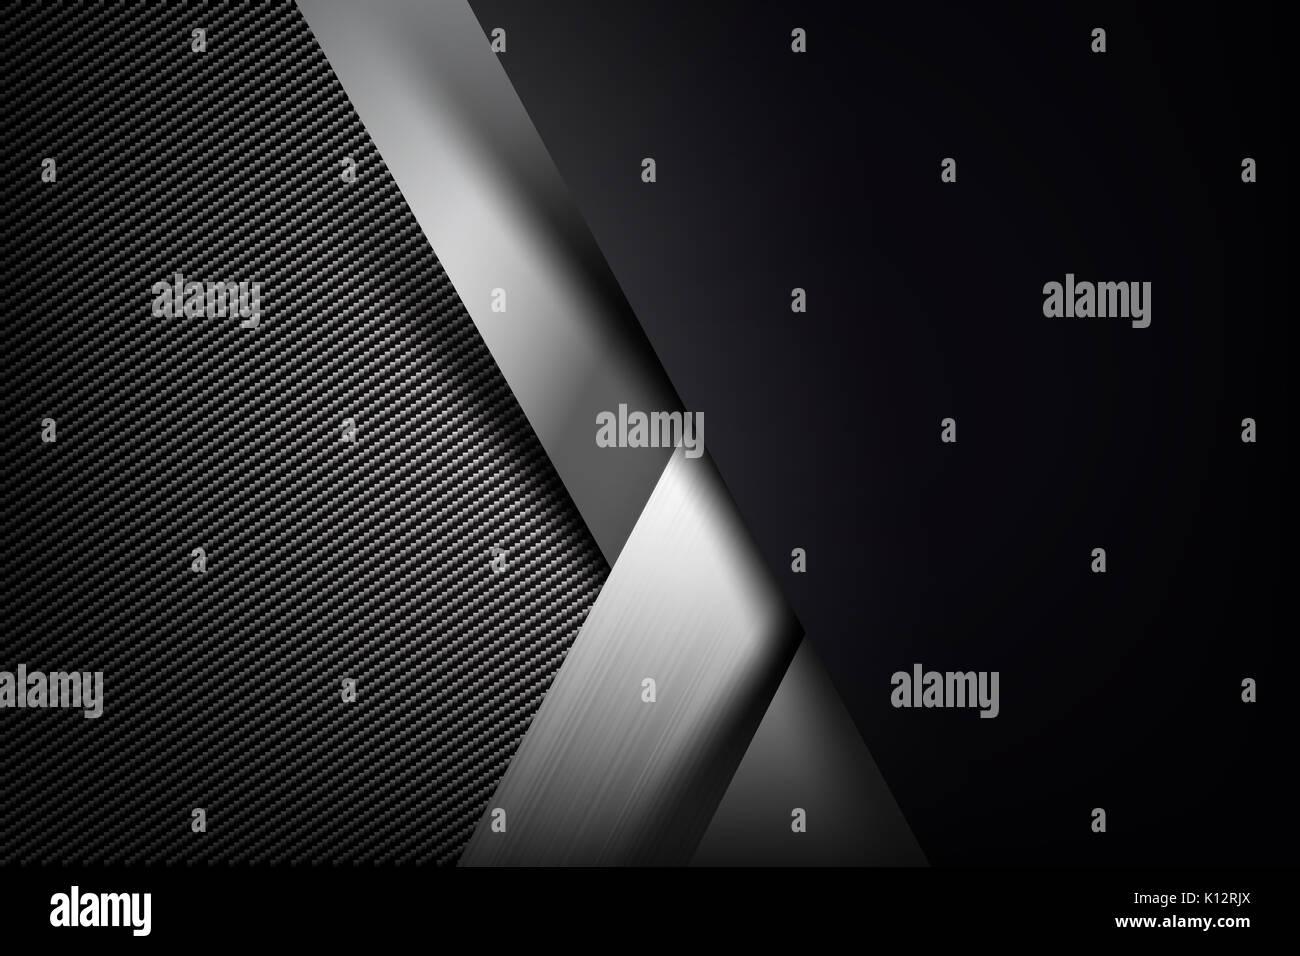 Resumen antecedentes oscuros y fibra de carbono negro ilustración vectorial EPS10 Imagen De Stock